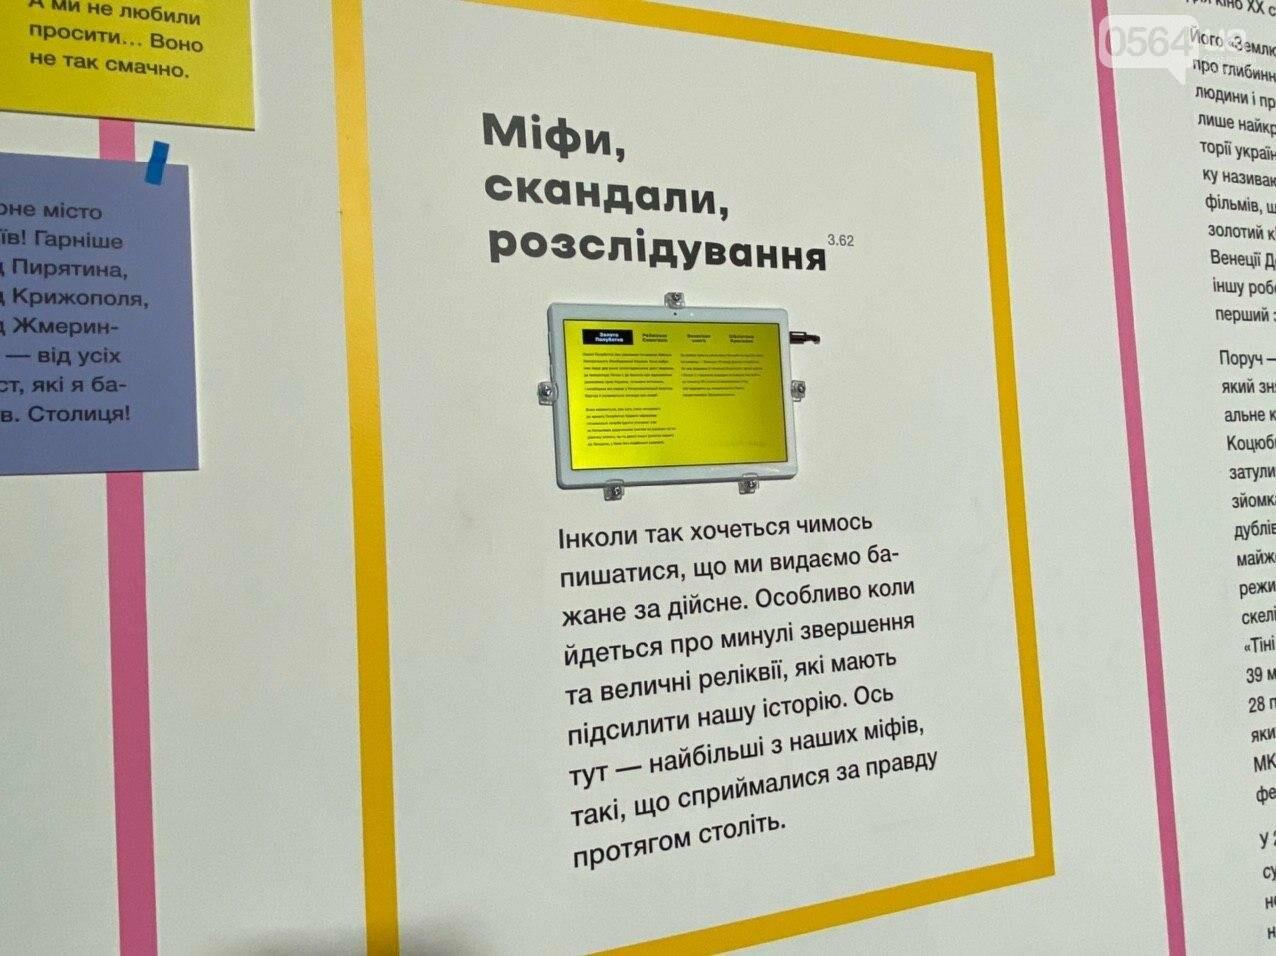 Ukraine WOW: что можно было узнать о Кривом Роге на интерактивной выставке, - ФОТО , фото-65